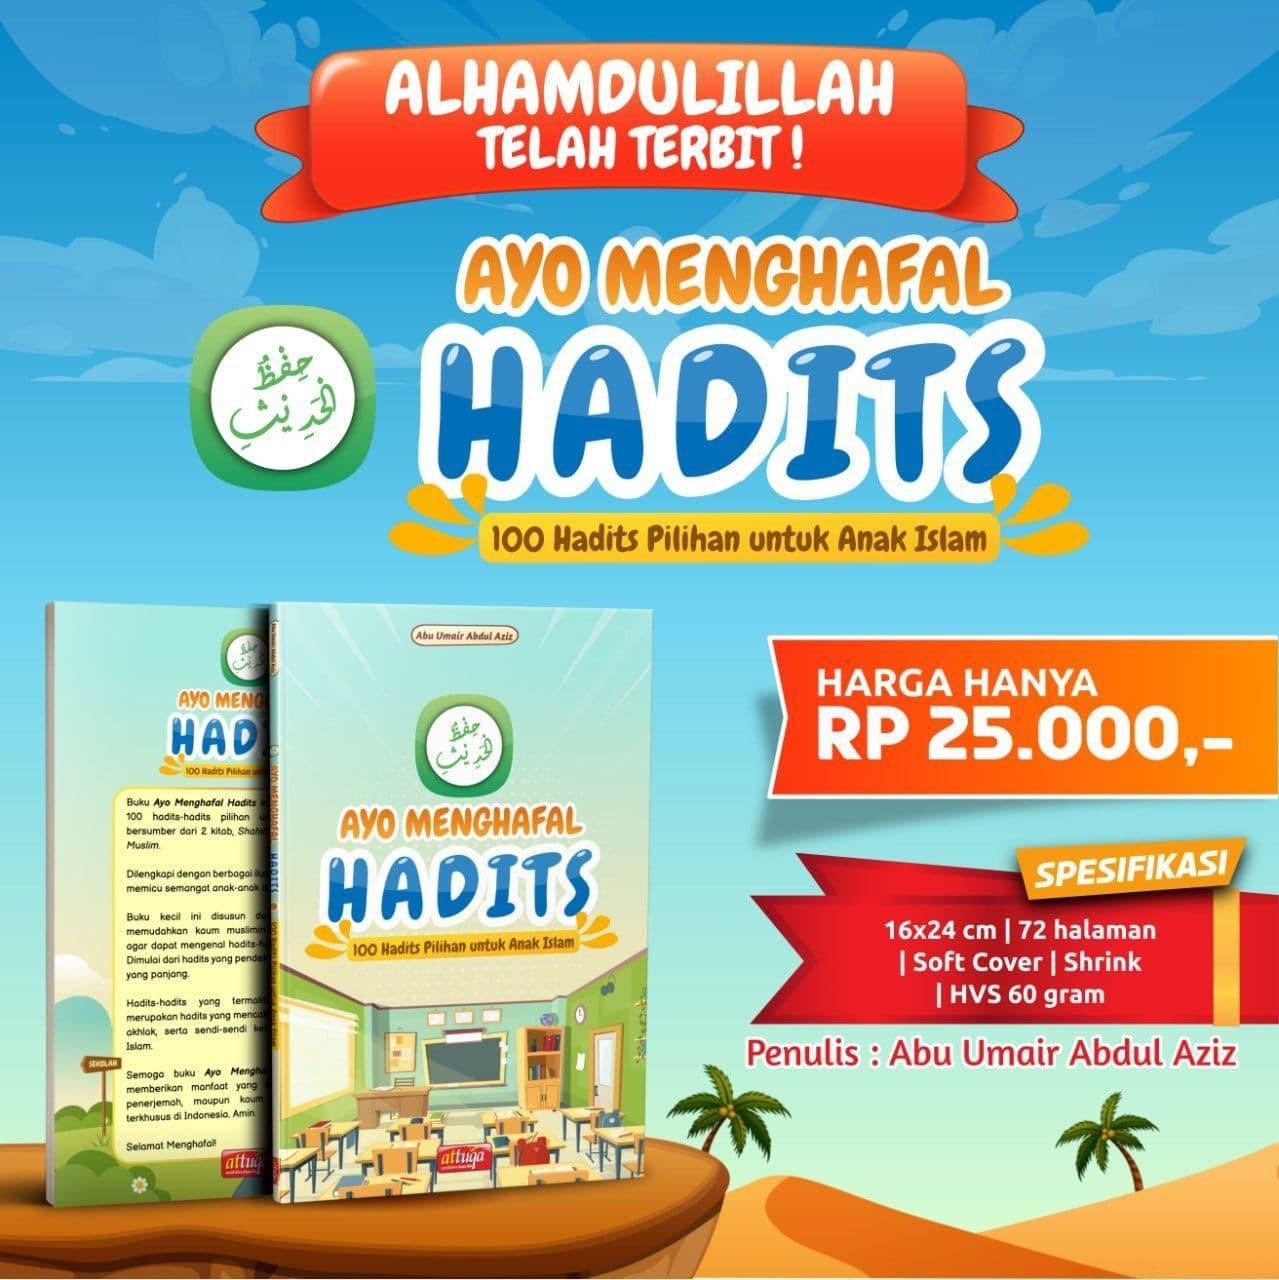 Buku Ayo Menghafal Hadits Attuqa 100 Hadits Pilihan untuk Anak Islam